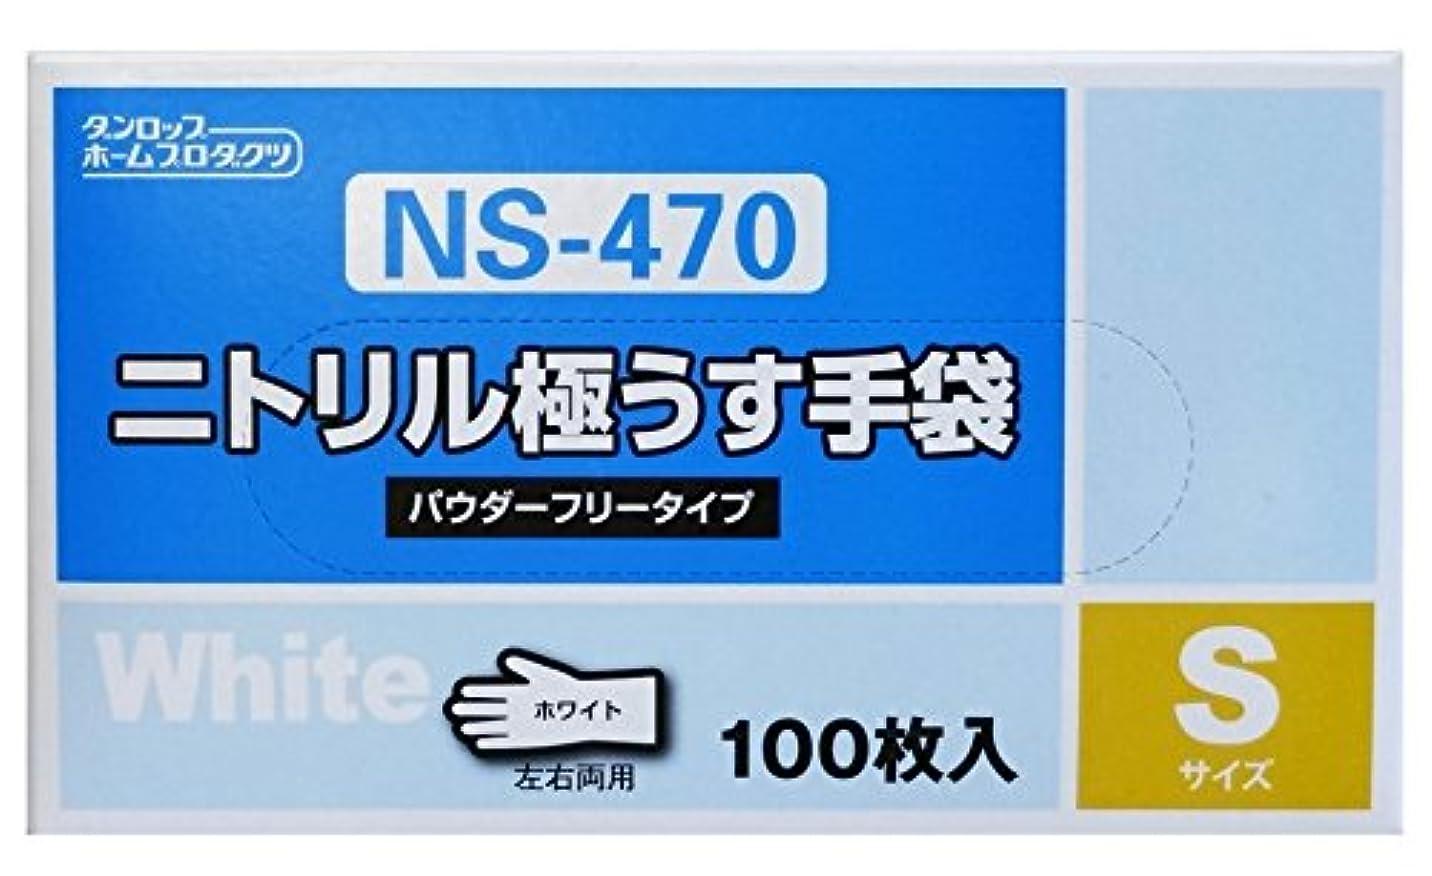 同志到着接続されたダンロップホームプロダクツ 粉なしニトリル極うす手袋 Sサイズ ホワイト 100枚入 NS-470